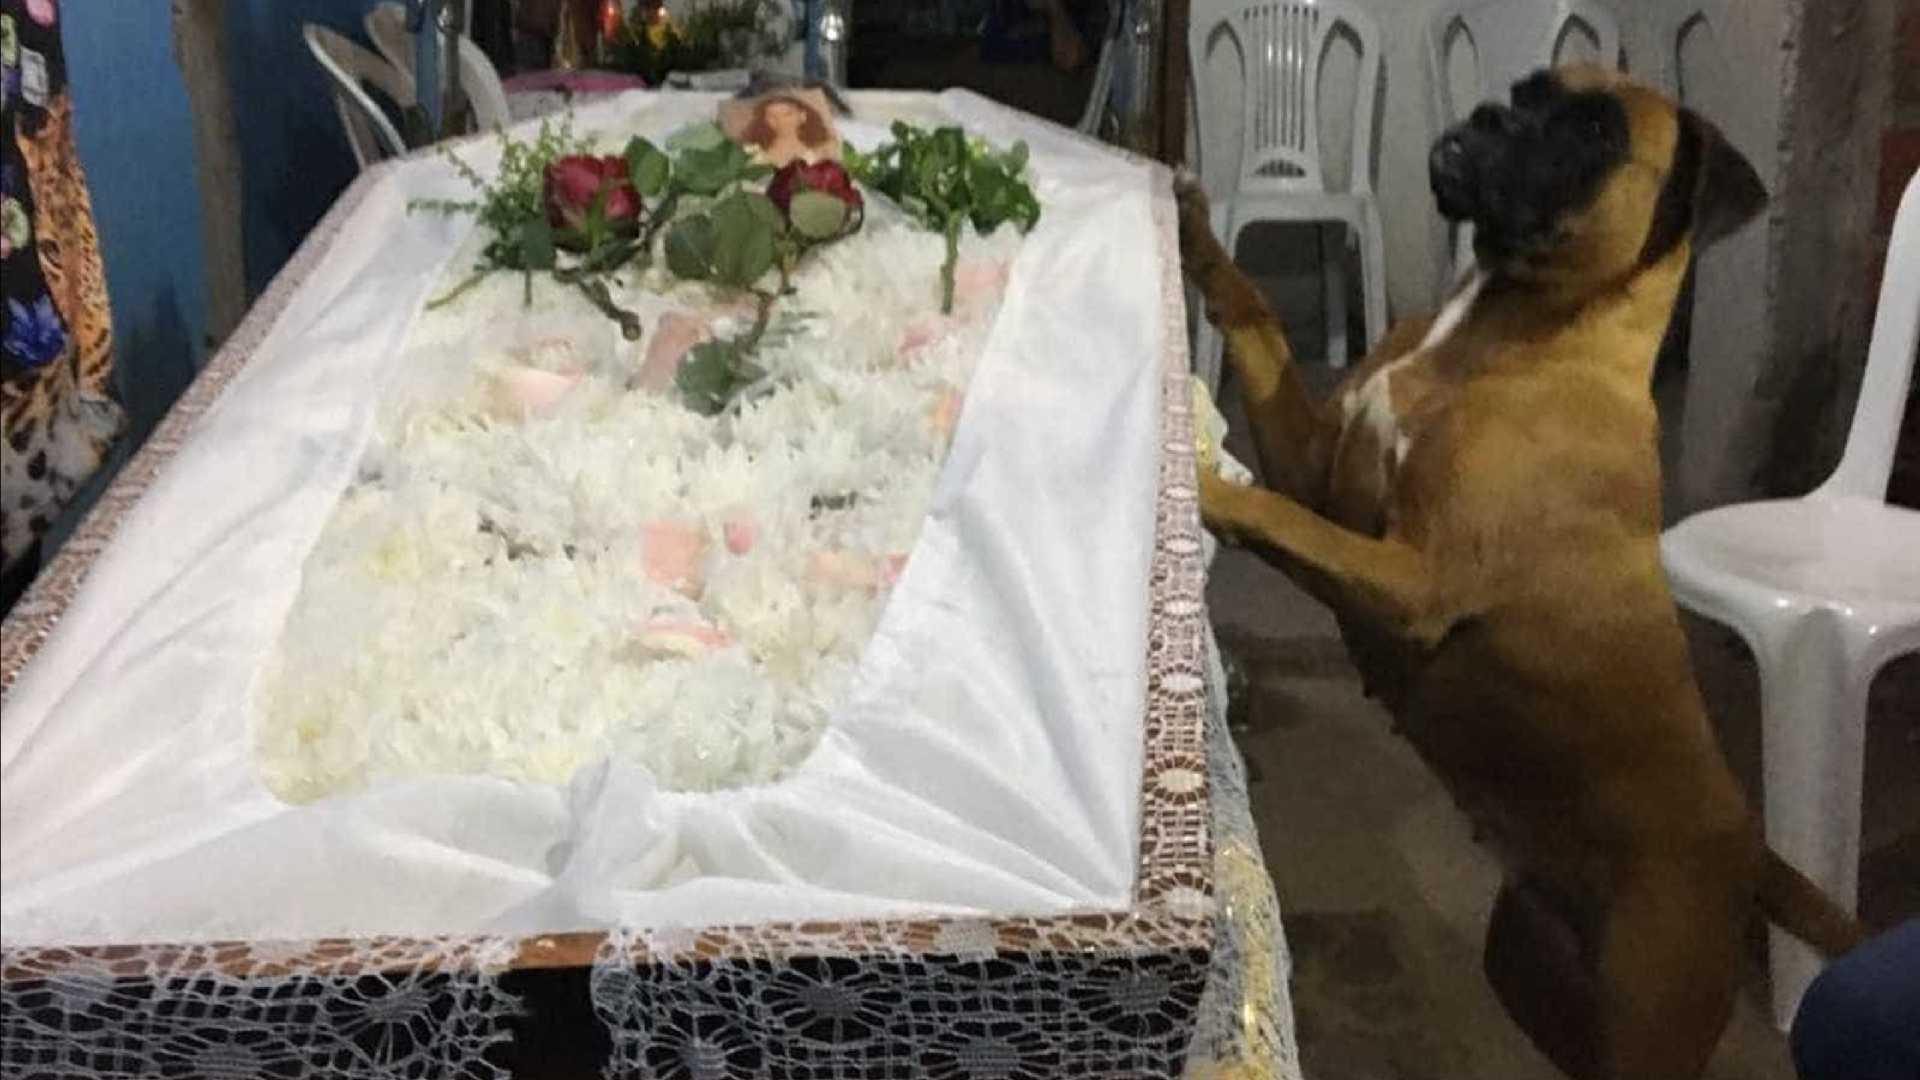 naom 5a831e68a081a - Cachorro impressiona familiares ao velar corpo da dona